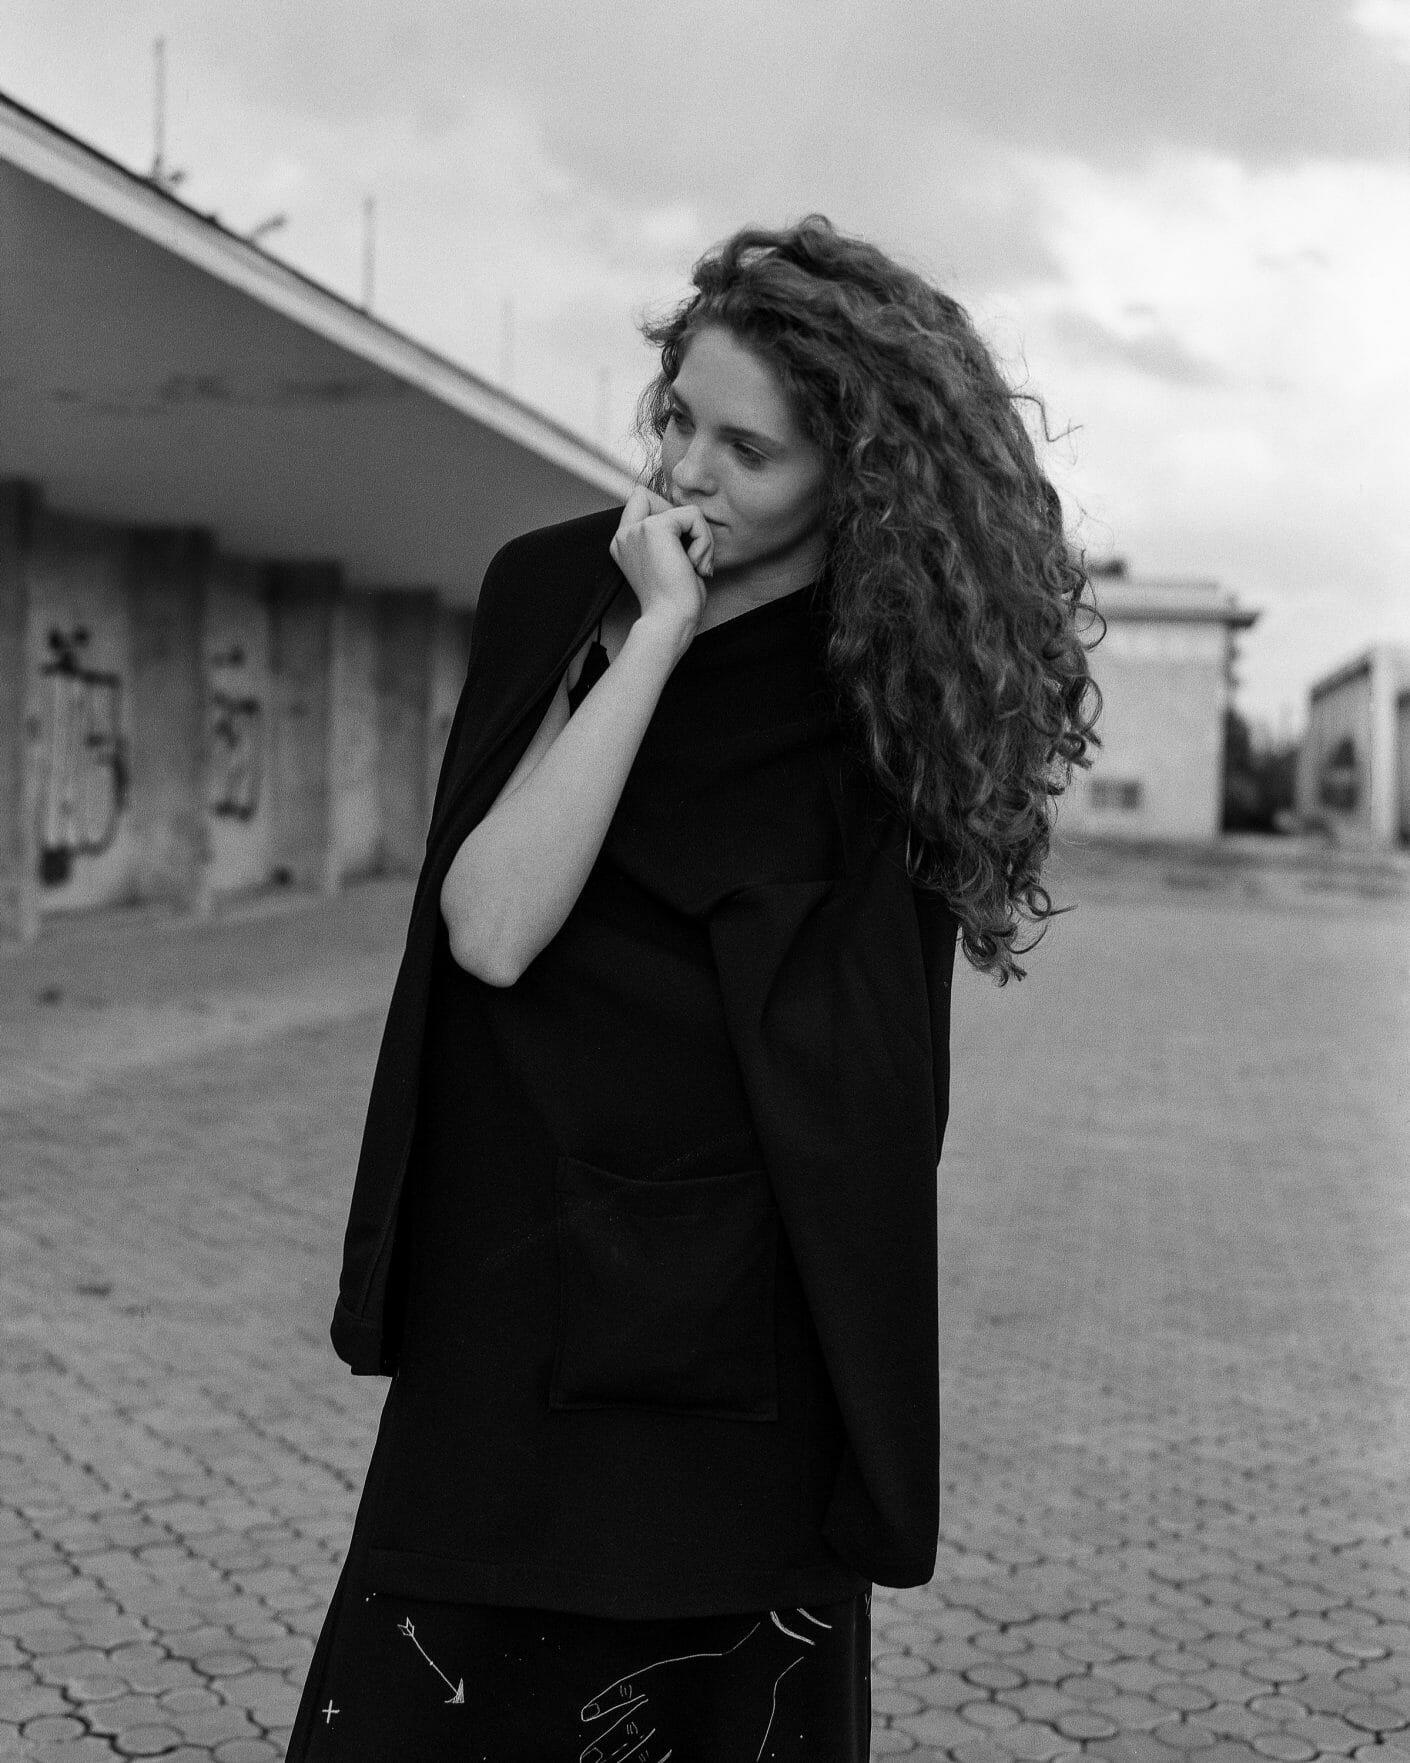 La gare déserte : un nouvel éditorial par Andrei Runcanu 8